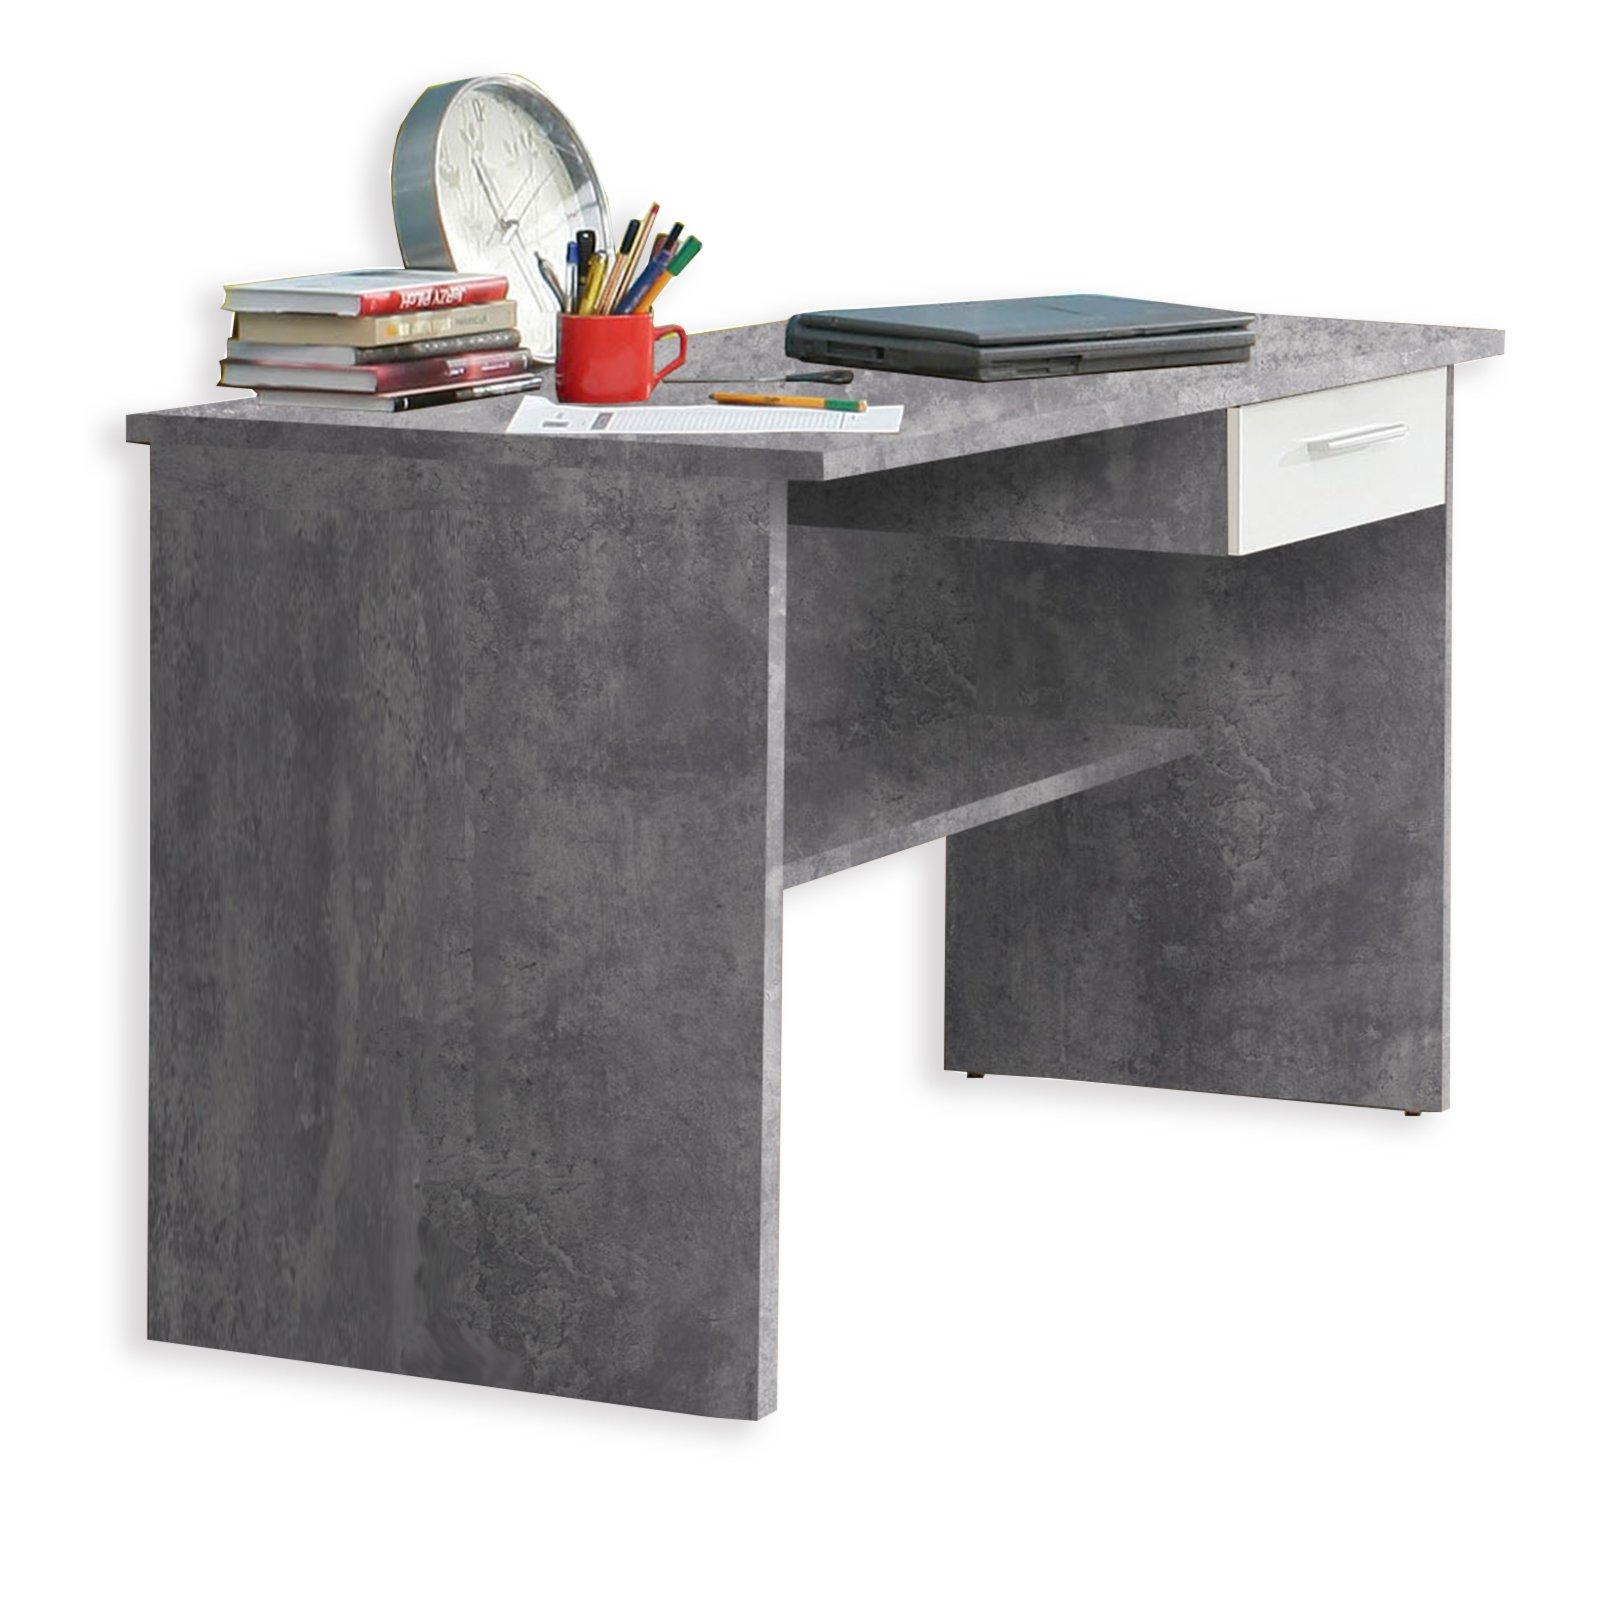 schreibtisch lupo betonoptik 110 cm jugendzimmer lupo kinder jugendzimmer programme. Black Bedroom Furniture Sets. Home Design Ideas